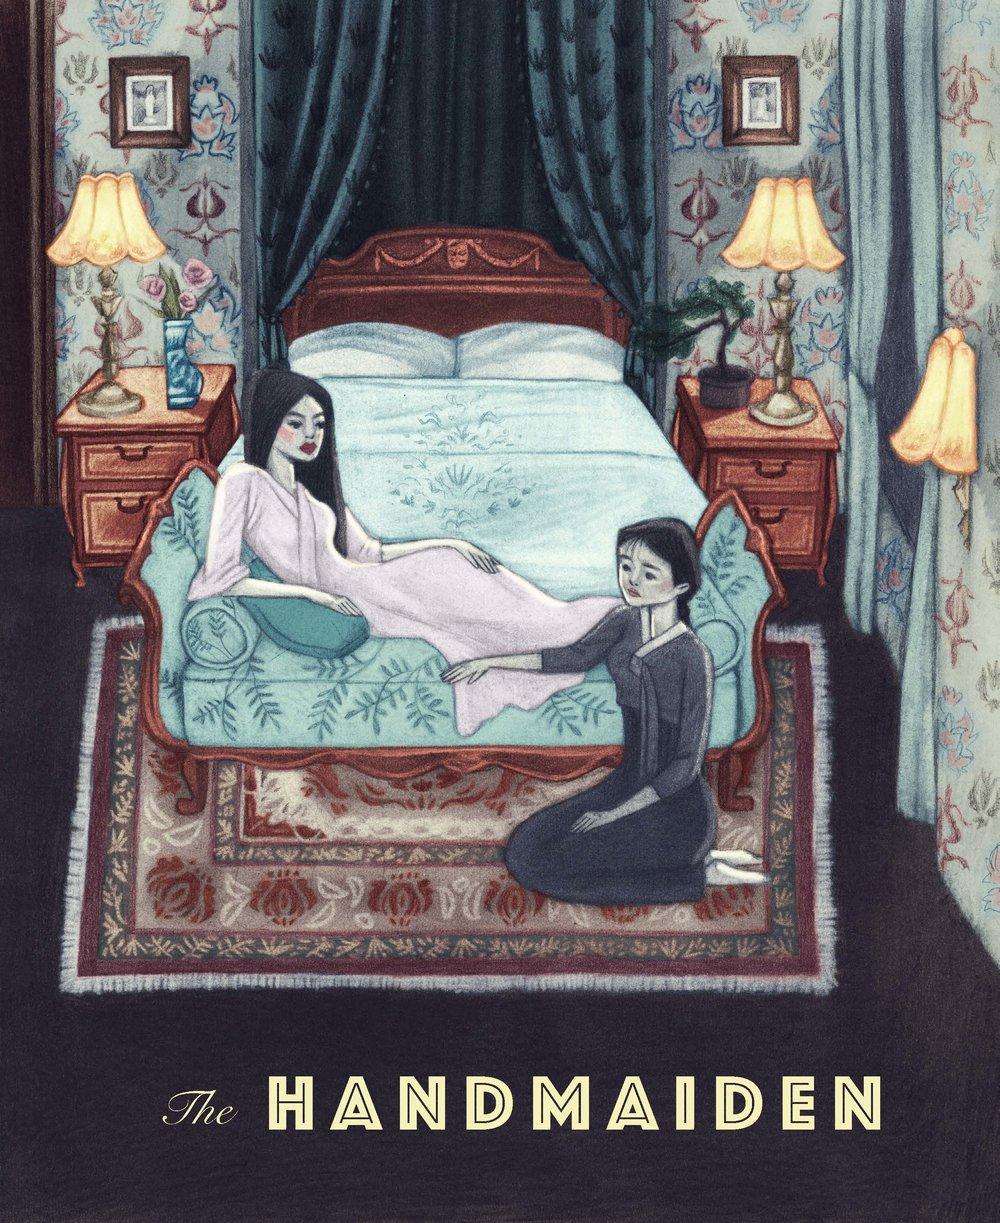 the_handmaiden_poster.jpg